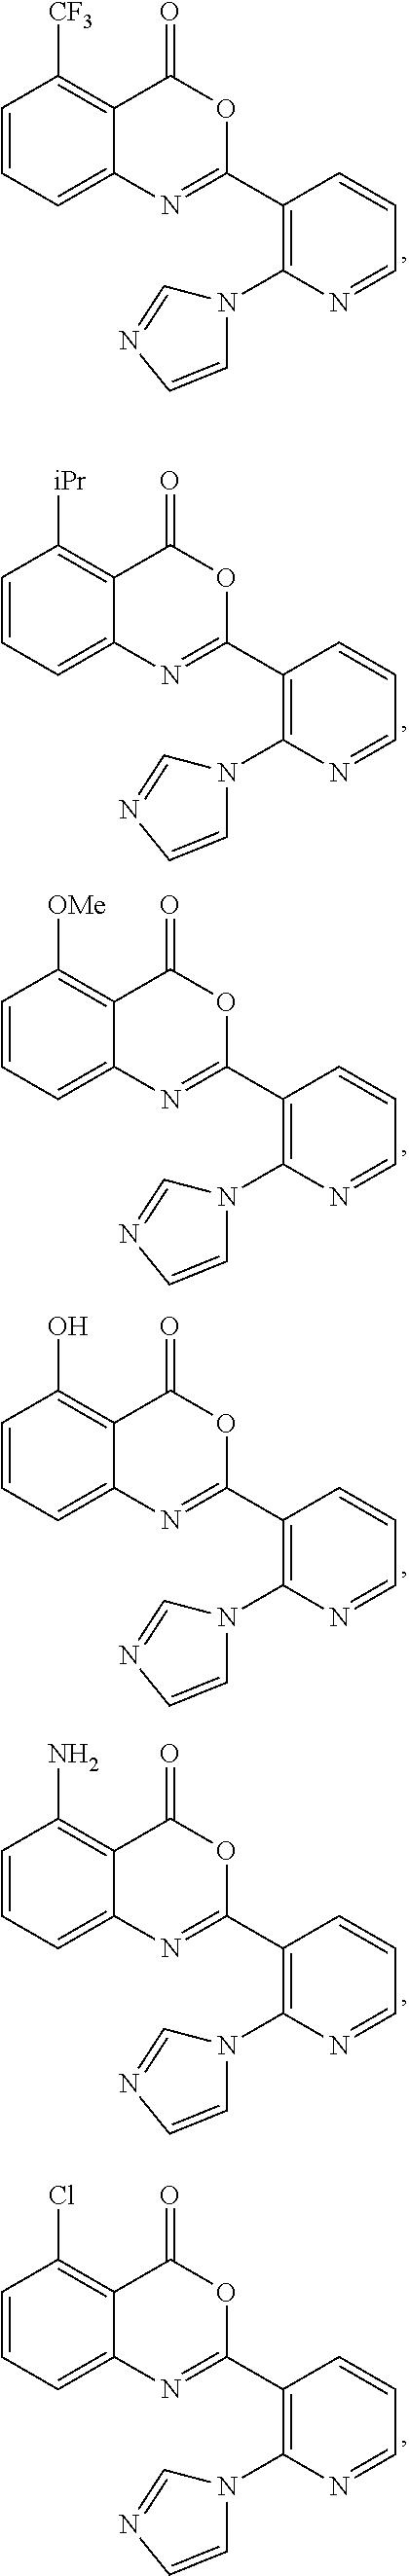 Figure US07879846-20110201-C00384